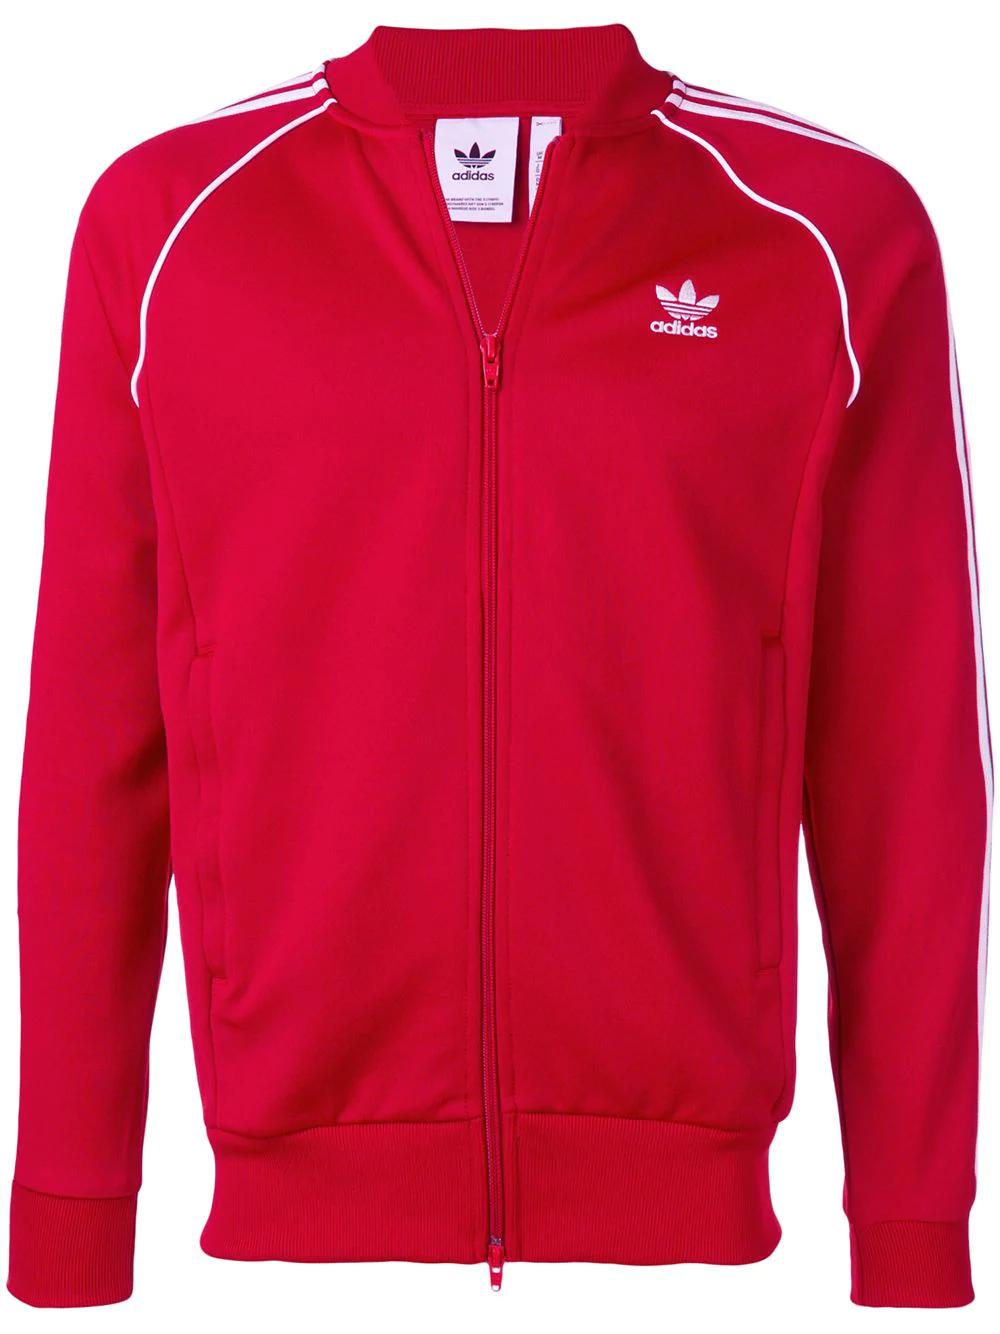 Adidas Originals SST Trainingsjacke rot